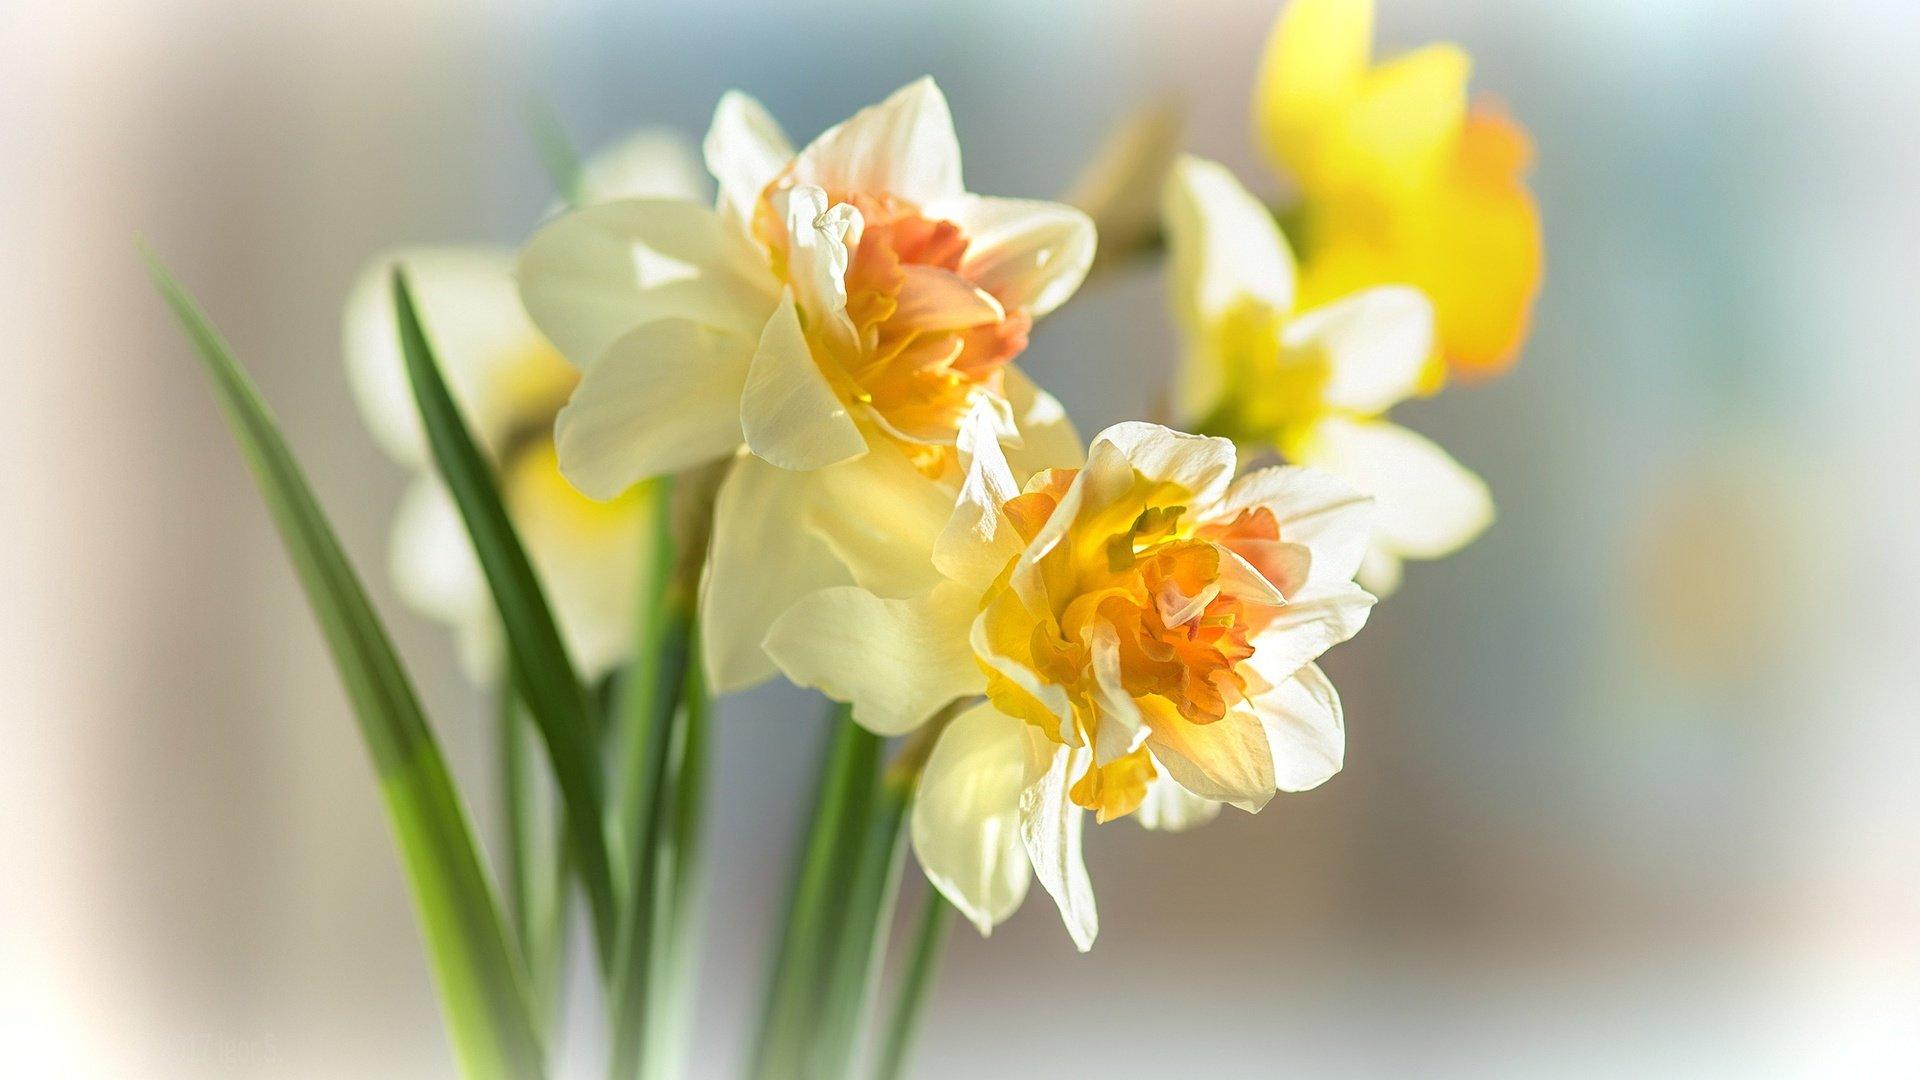 время реставрации картинки весенние цветы нарциссы этот